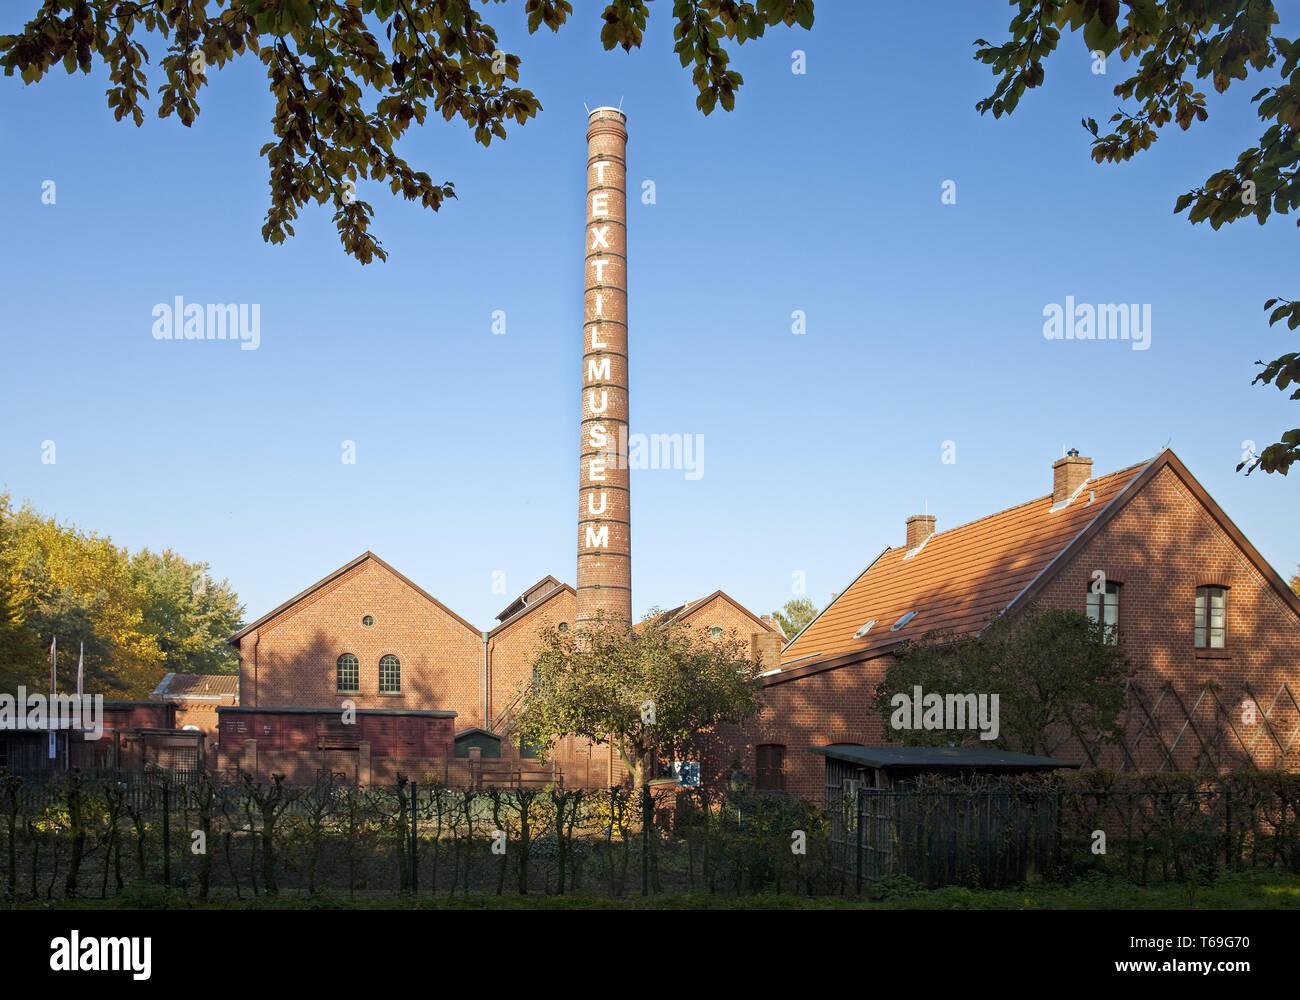 Bocholt museo tessile, all'aperto, in Germania, in Renania settentrionale-Vestfalia, Muensterland, Bocholt Immagini Stock